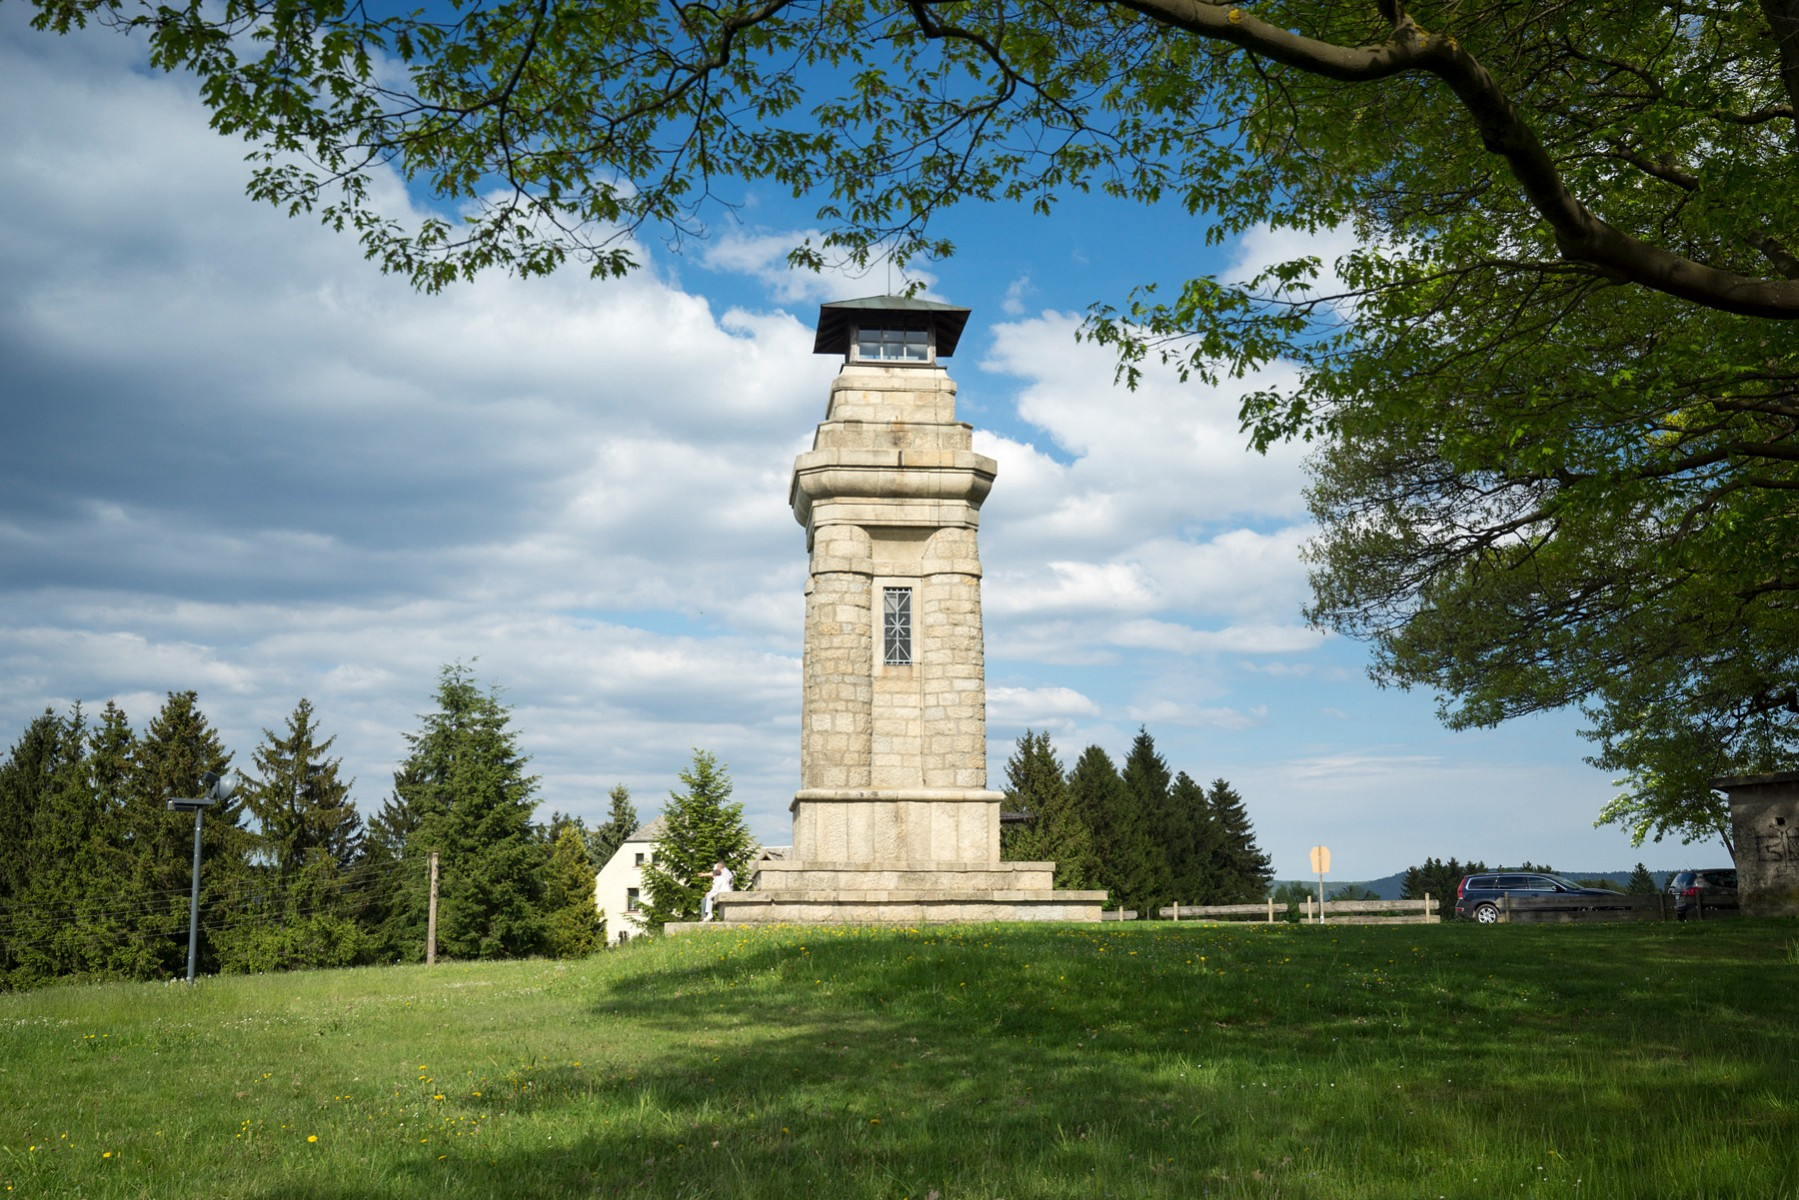 pDer-imposante-Bismarckturm-beinbspMarkneukirchen-ermoumlglicht-einen-Ausblick-uumlber-das-Vogtlandnbspbr-span-stylefont-size12pxcopy-TVV-T-Peiskerspanp